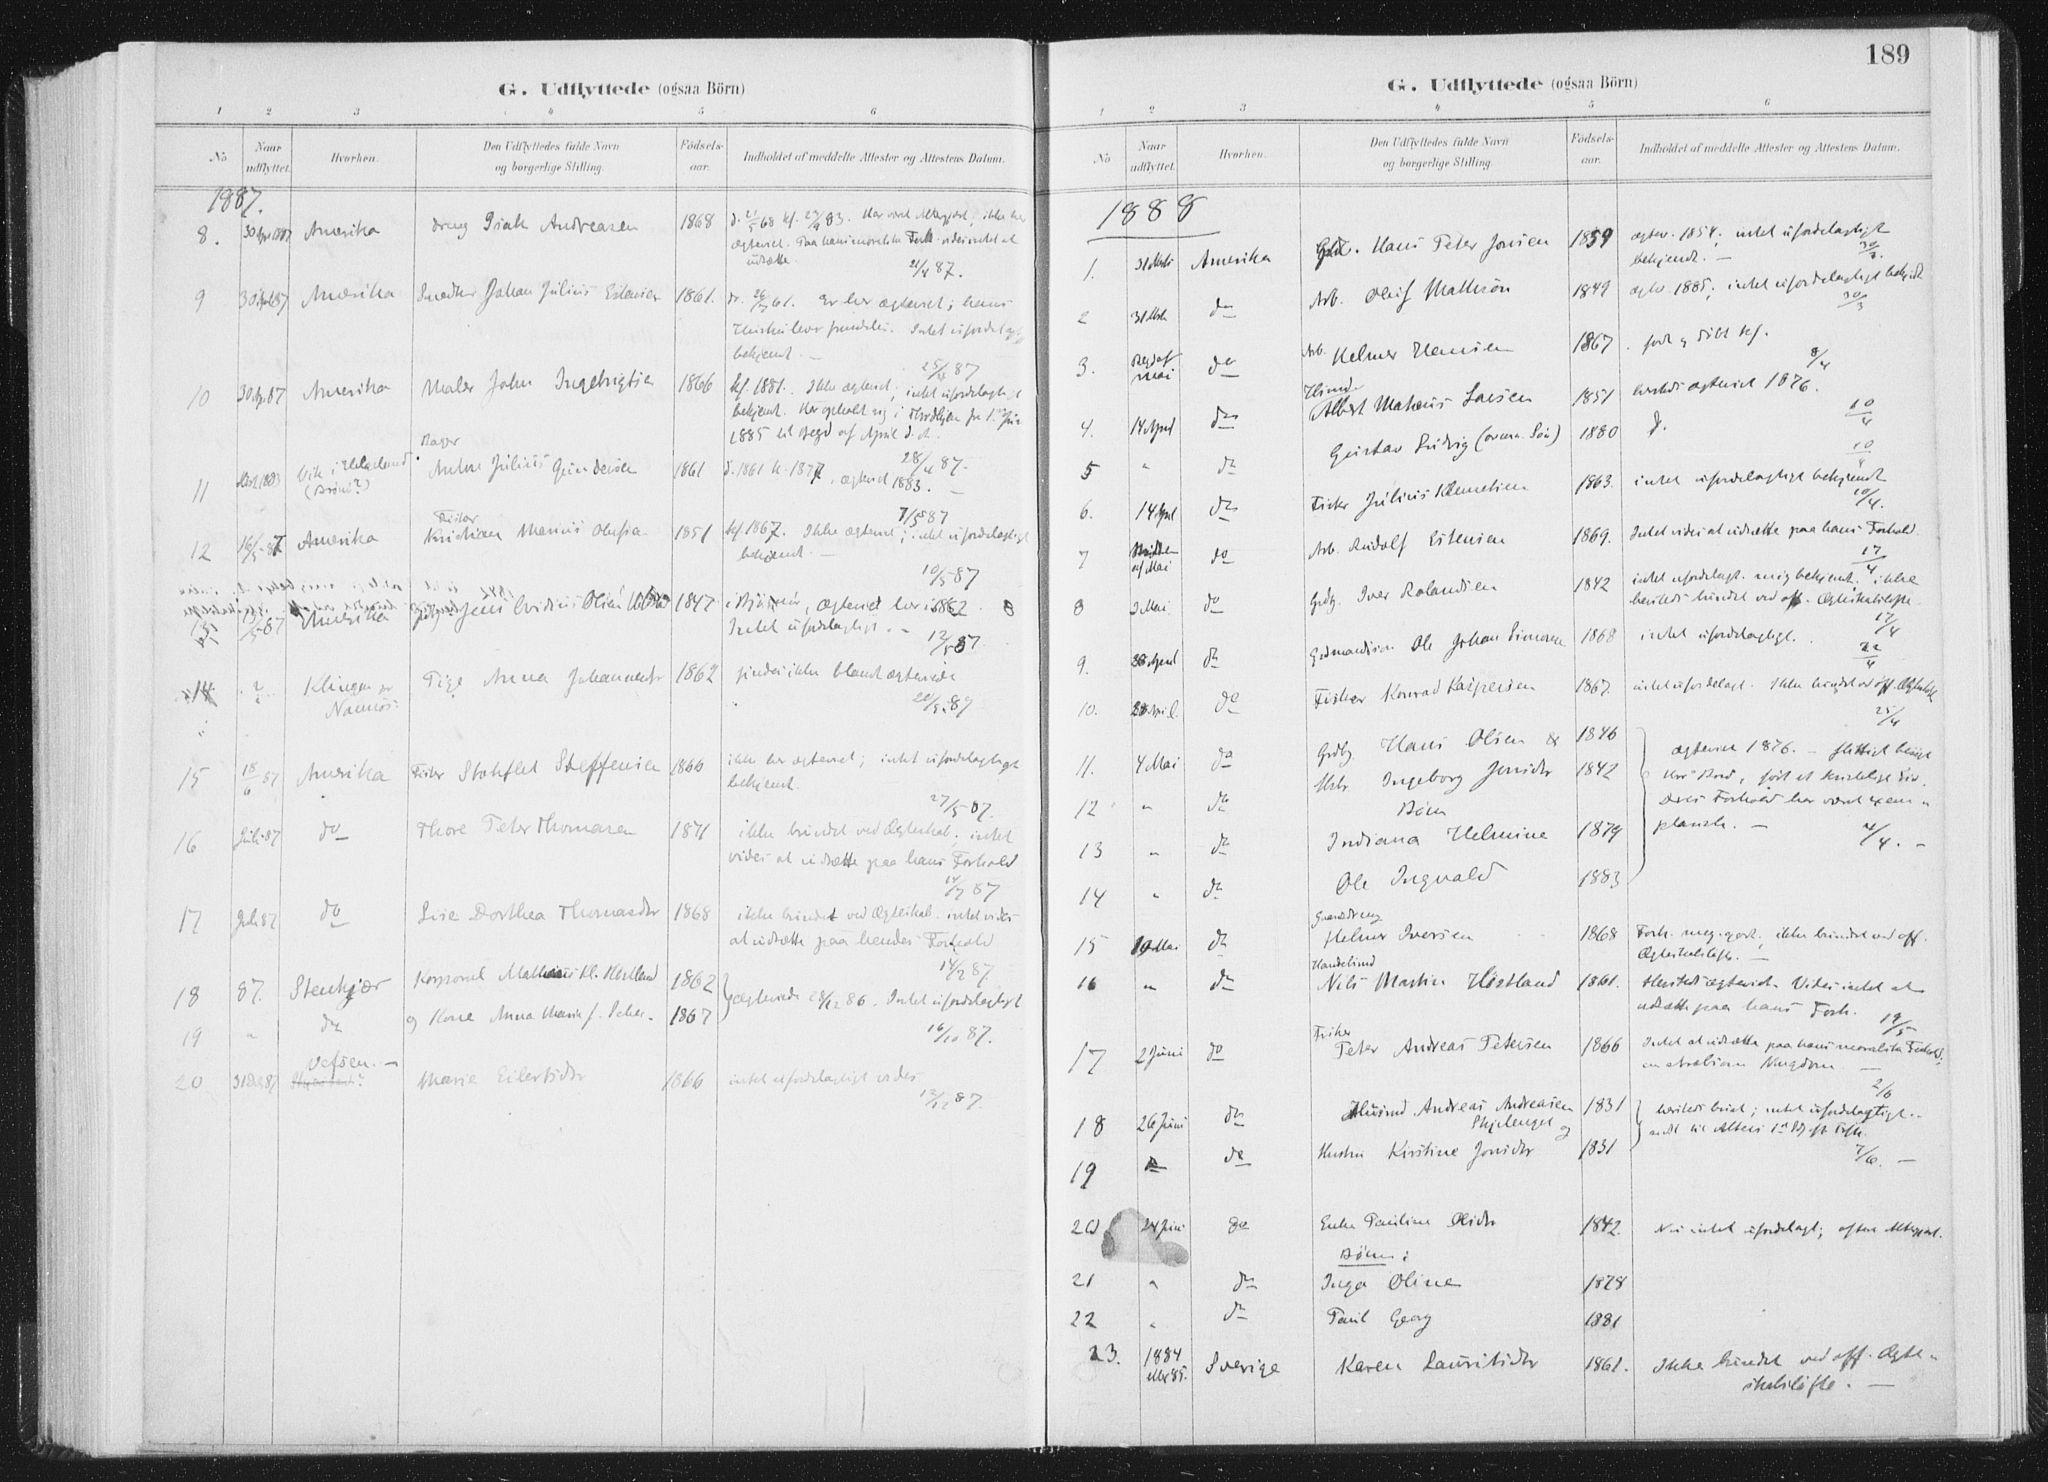 SAT, Ministerialprotokoller, klokkerbøker og fødselsregistre - Nord-Trøndelag, 771/L0597: Ministerialbok nr. 771A04, 1885-1910, s. 189